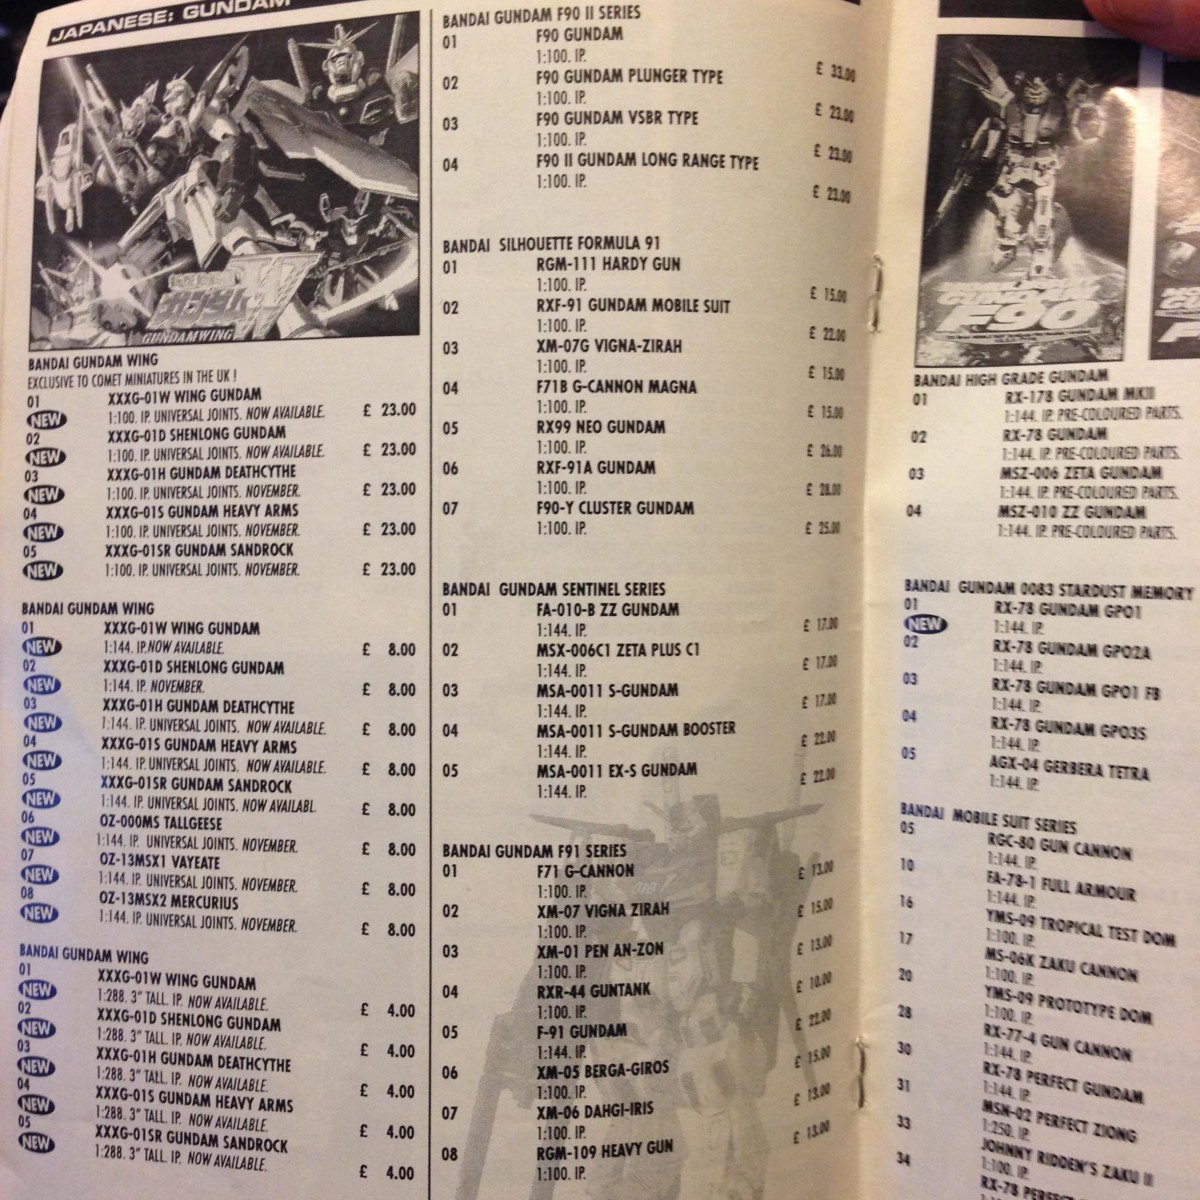 1995-catalouge-modle-kits-comit-minatures-1